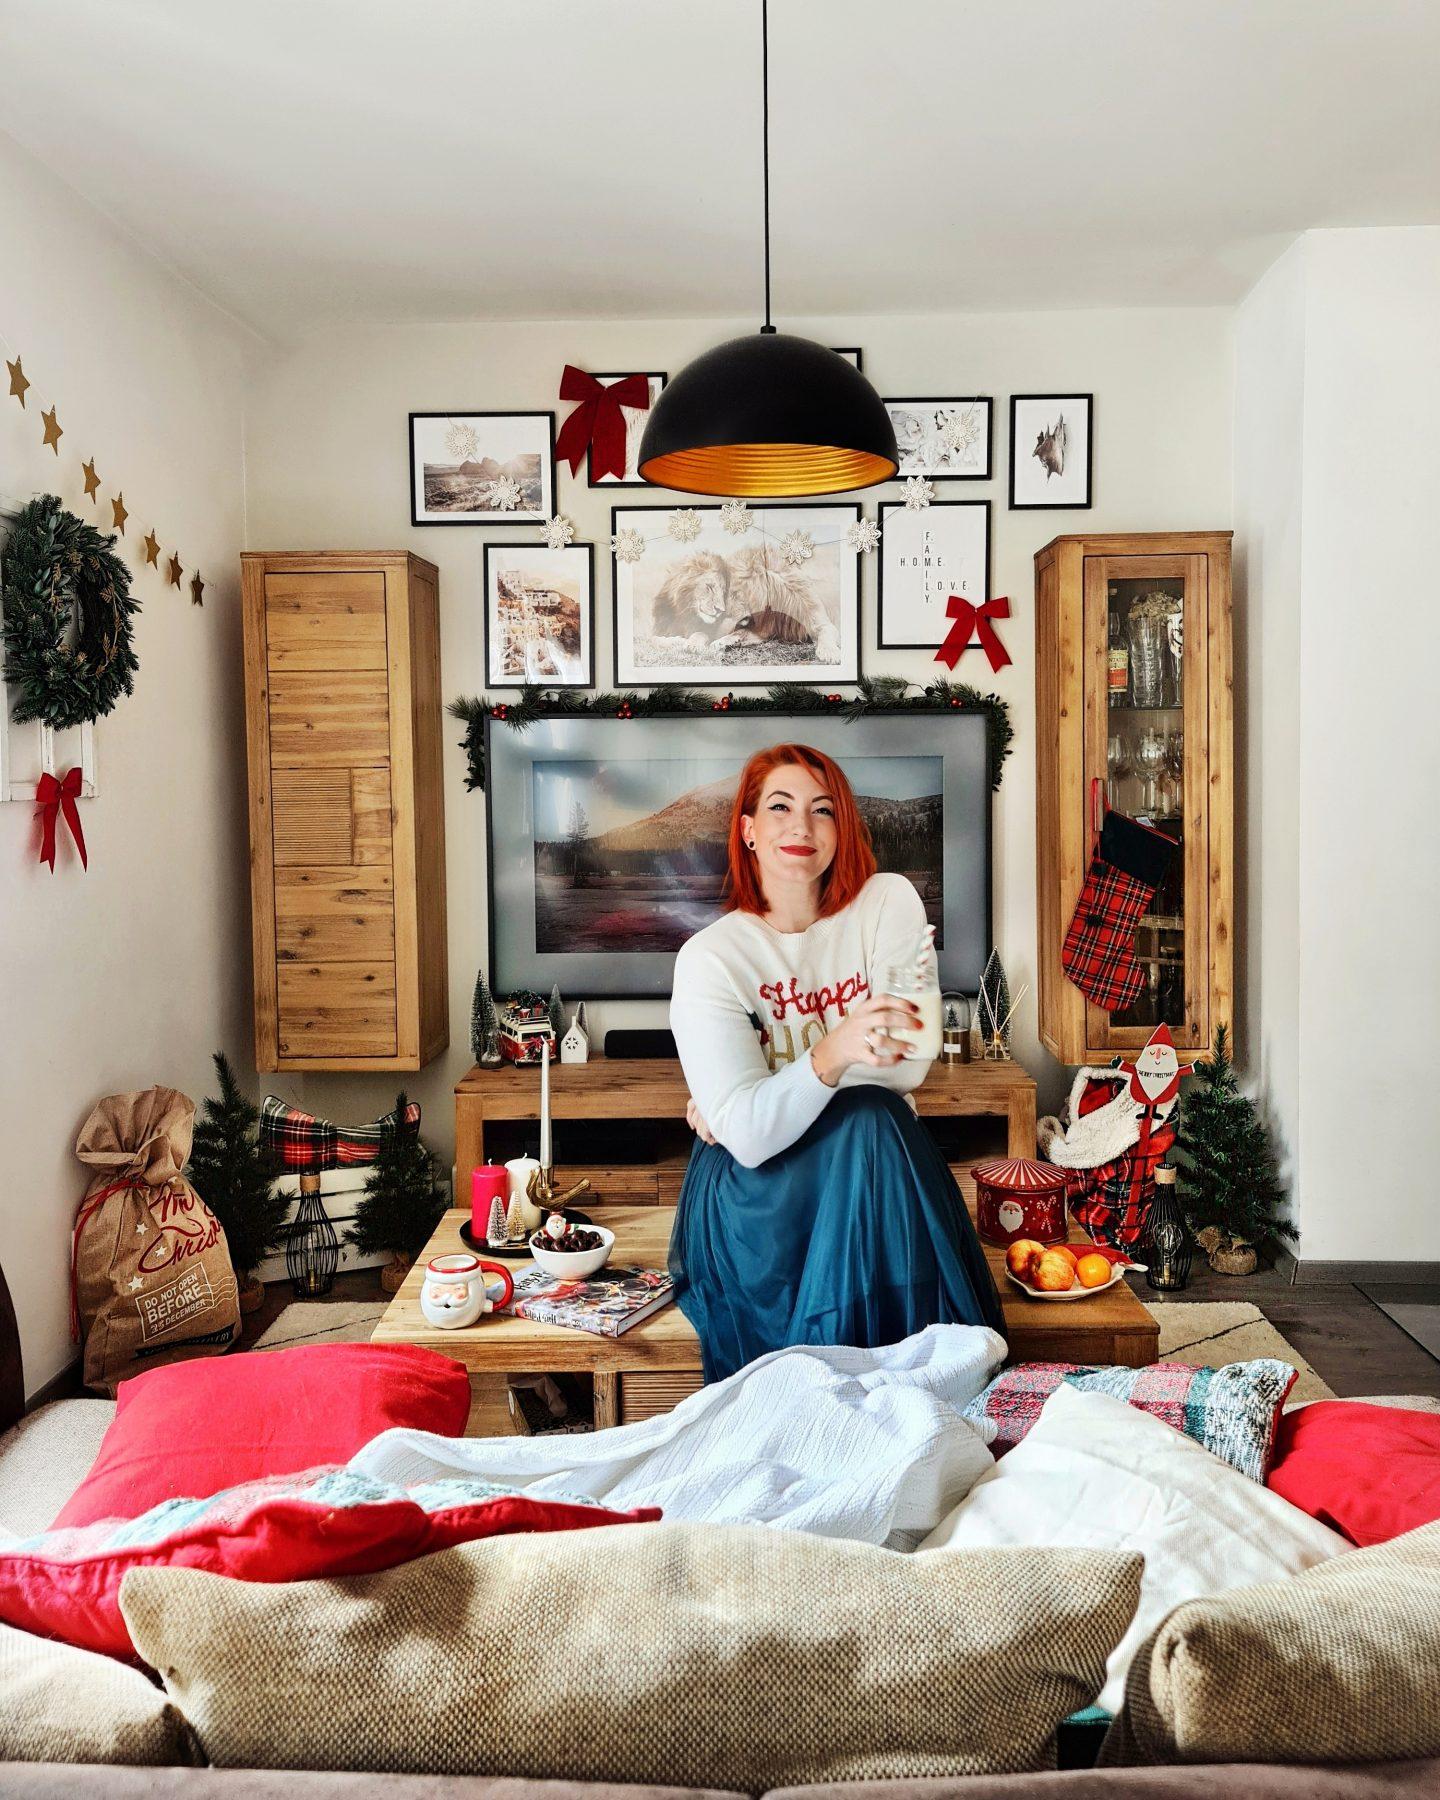 Living Weihnachts Deko Meine Ideen Fur Ein Weihnachtliches Zuhause Christmas Deko Shopping Roomtour Video Starlights In The Kitchen